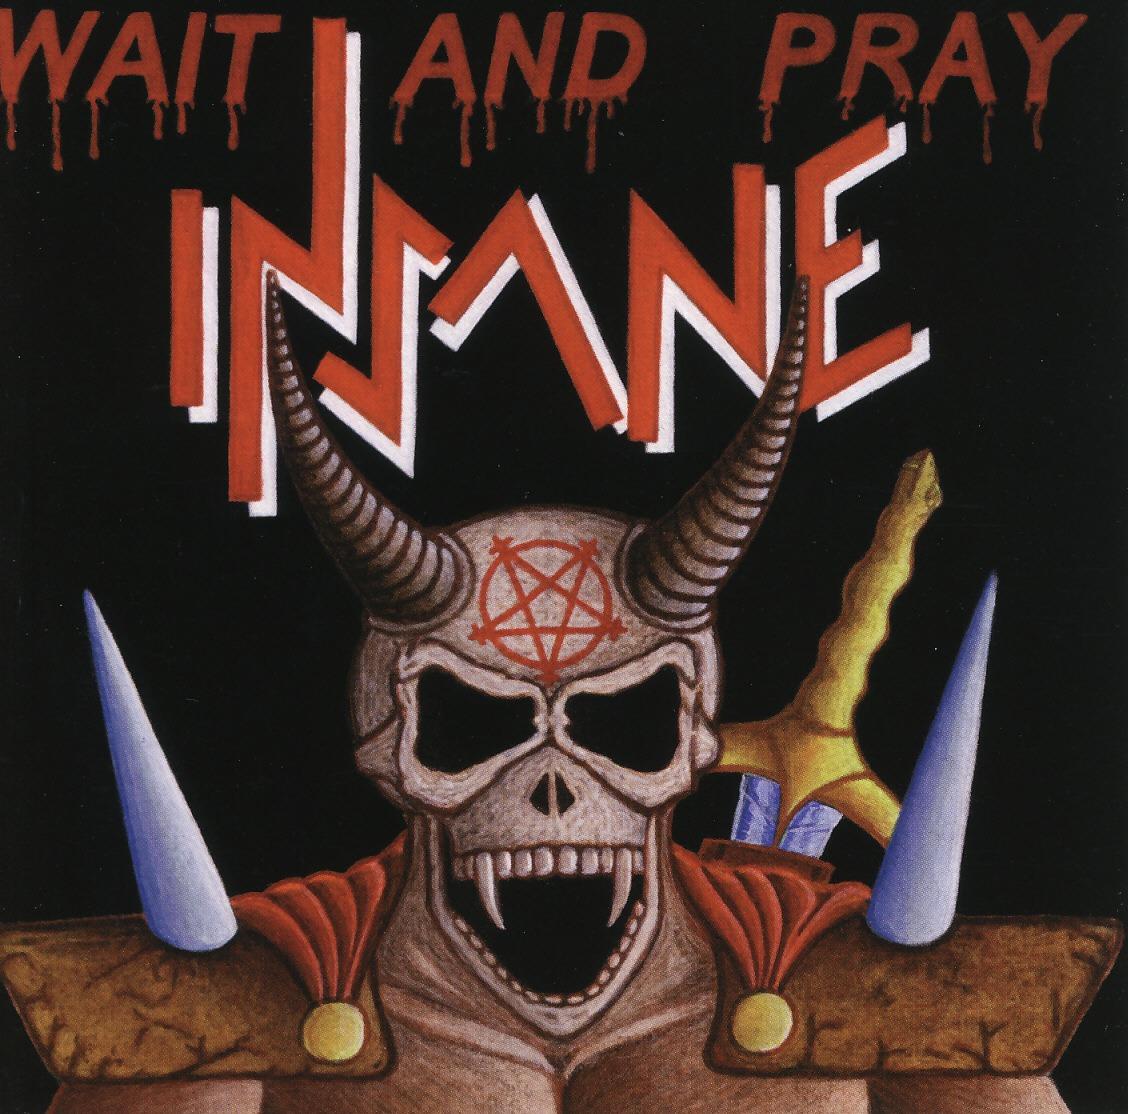 INSANE (Italy) / Wait And Pray